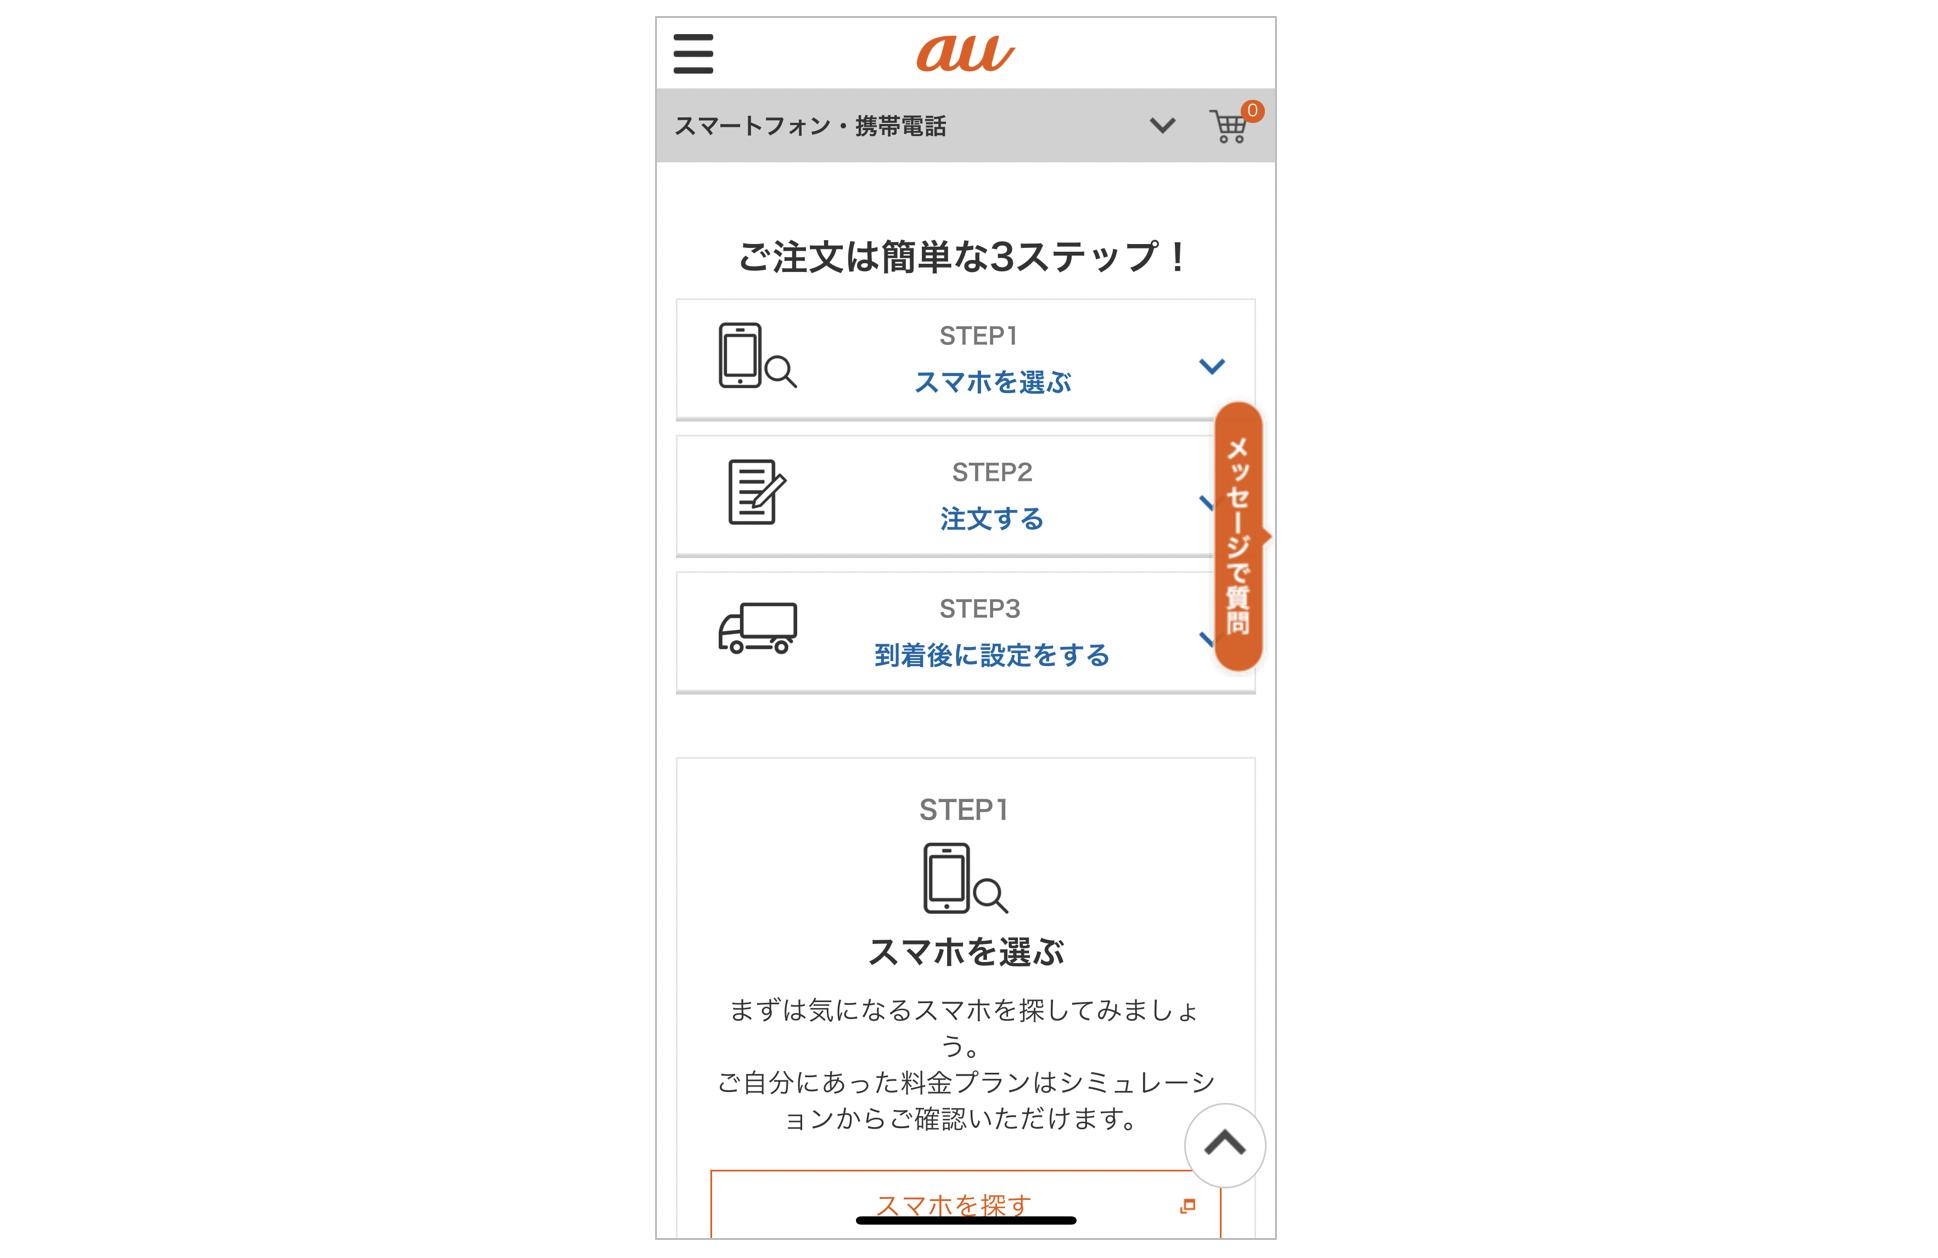 auのはじめてのオンラインショップ講座サイトの手続きフロー紹介画面